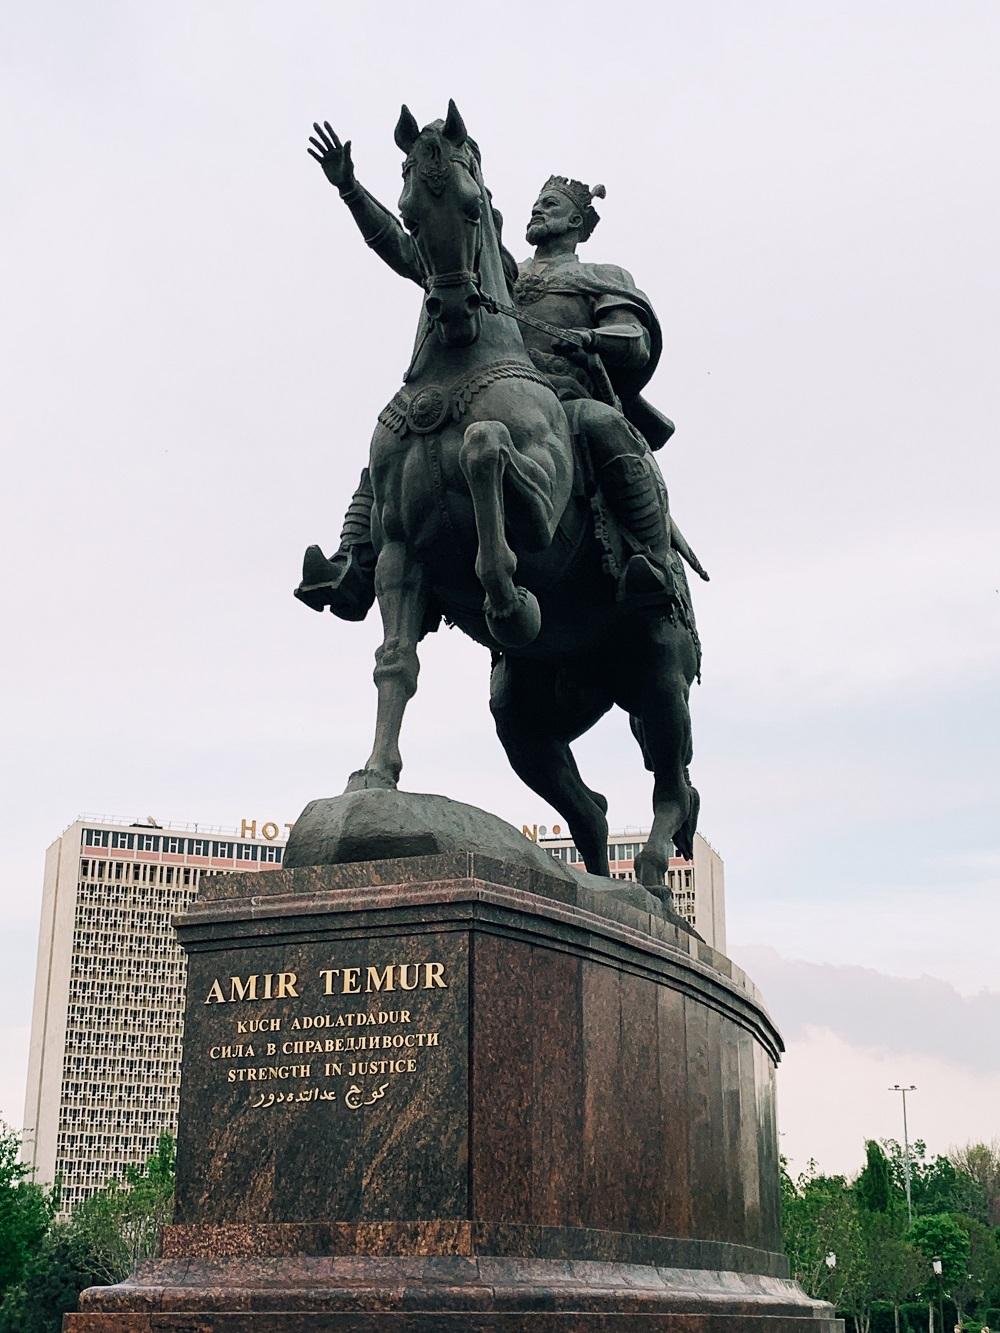 Amir Timur statua - all rights reserved thelostavocado.com